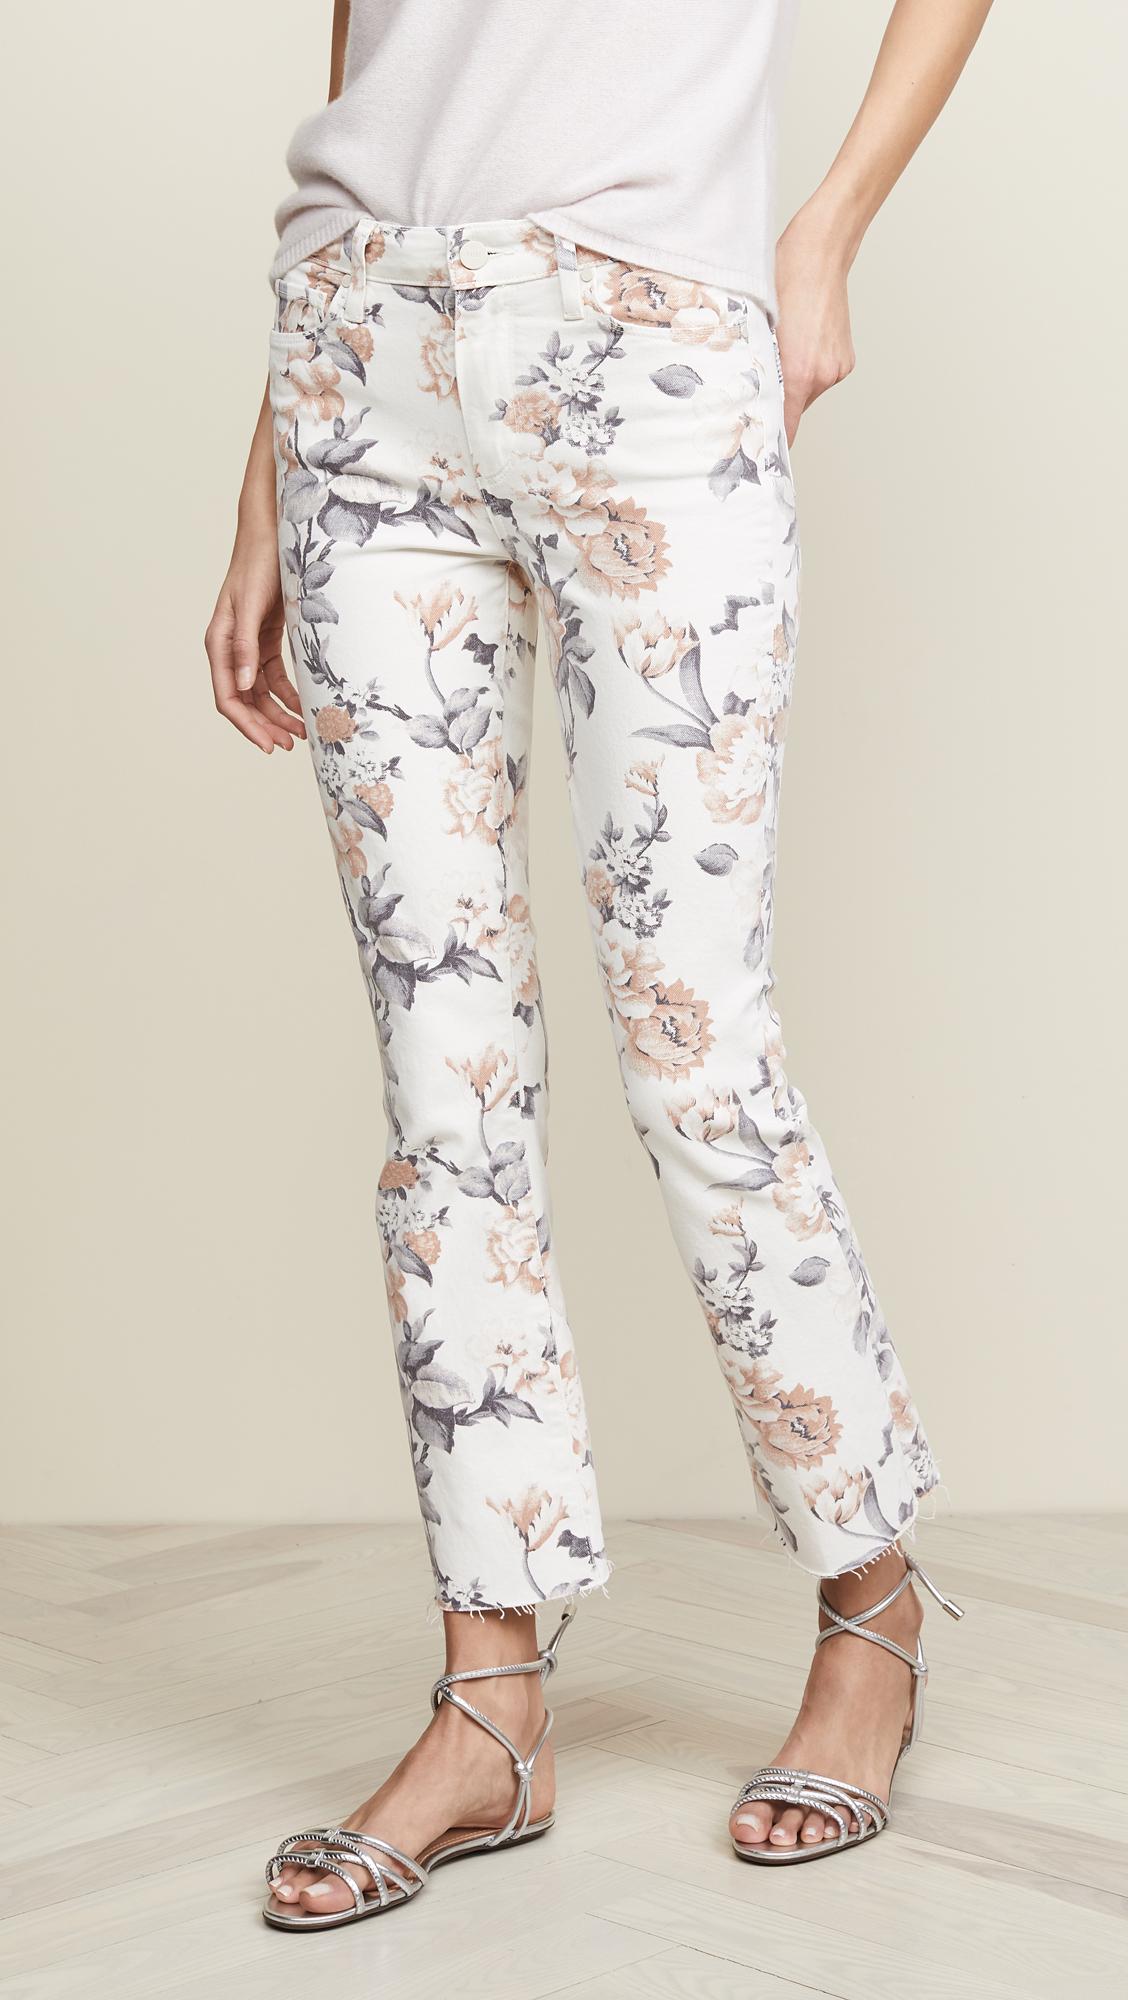 Paige Denim Colette Jeans.jpg